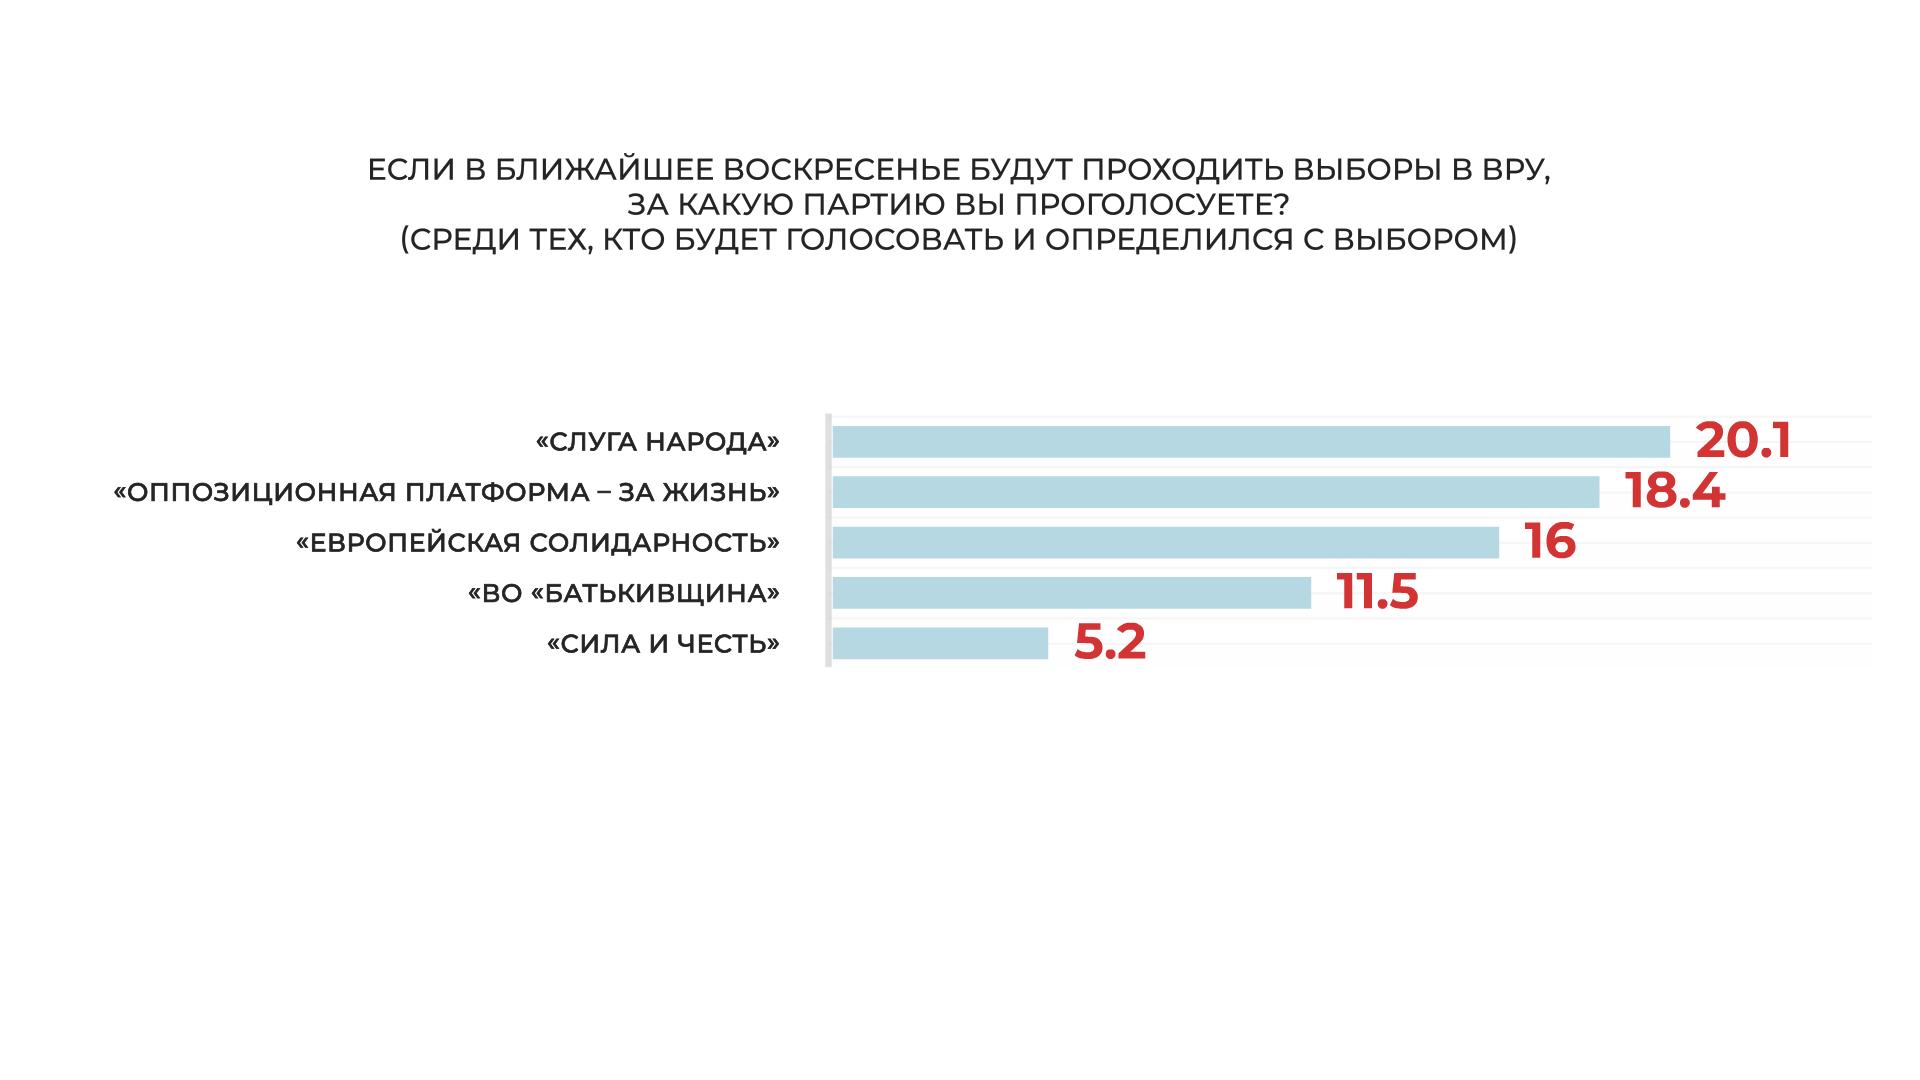 """""""Слуга народа"""" и """"Оппозиционная платформа – За жизнь"""" – лидеры парламентских выборов, большинство украинцев считают, что Медведчук невиновен, - соцопрос - фото 2"""